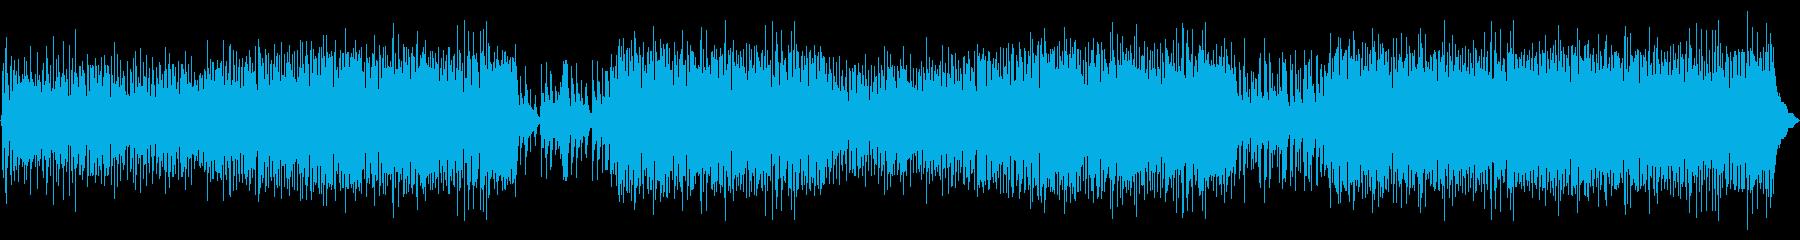 サンバのグルーヴにトランペットとフ...の再生済みの波形